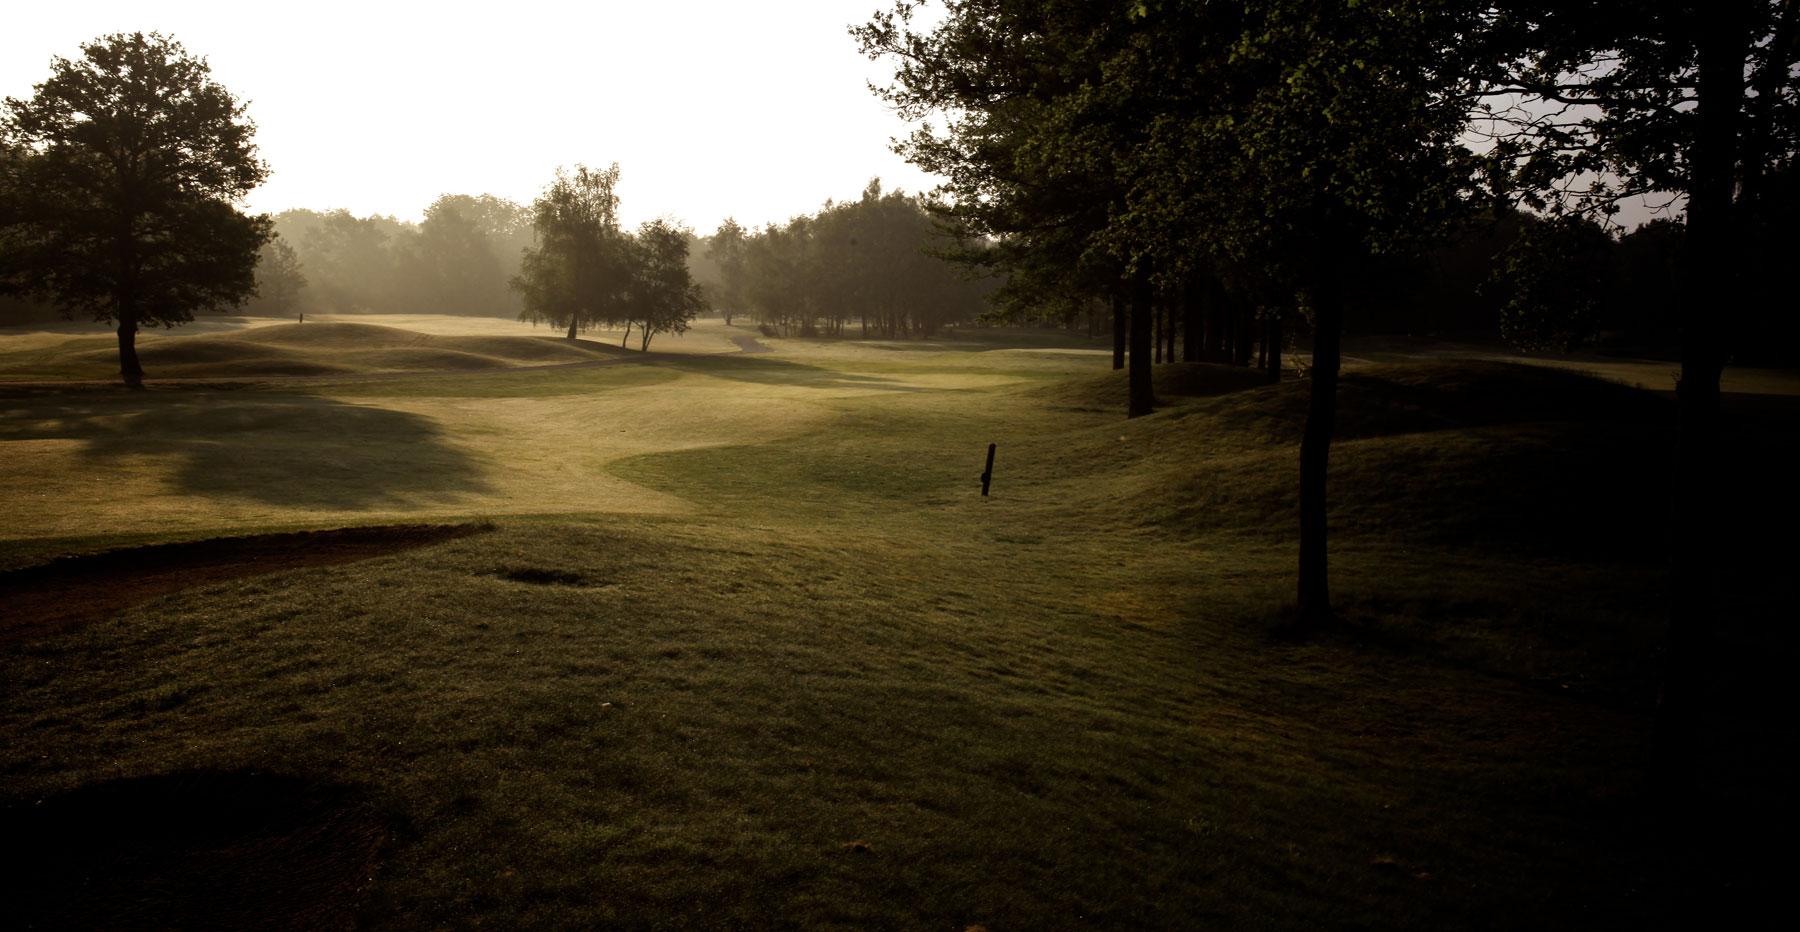 golf-de-limere-ardon-porte-de-sologne-ludovic-letot3